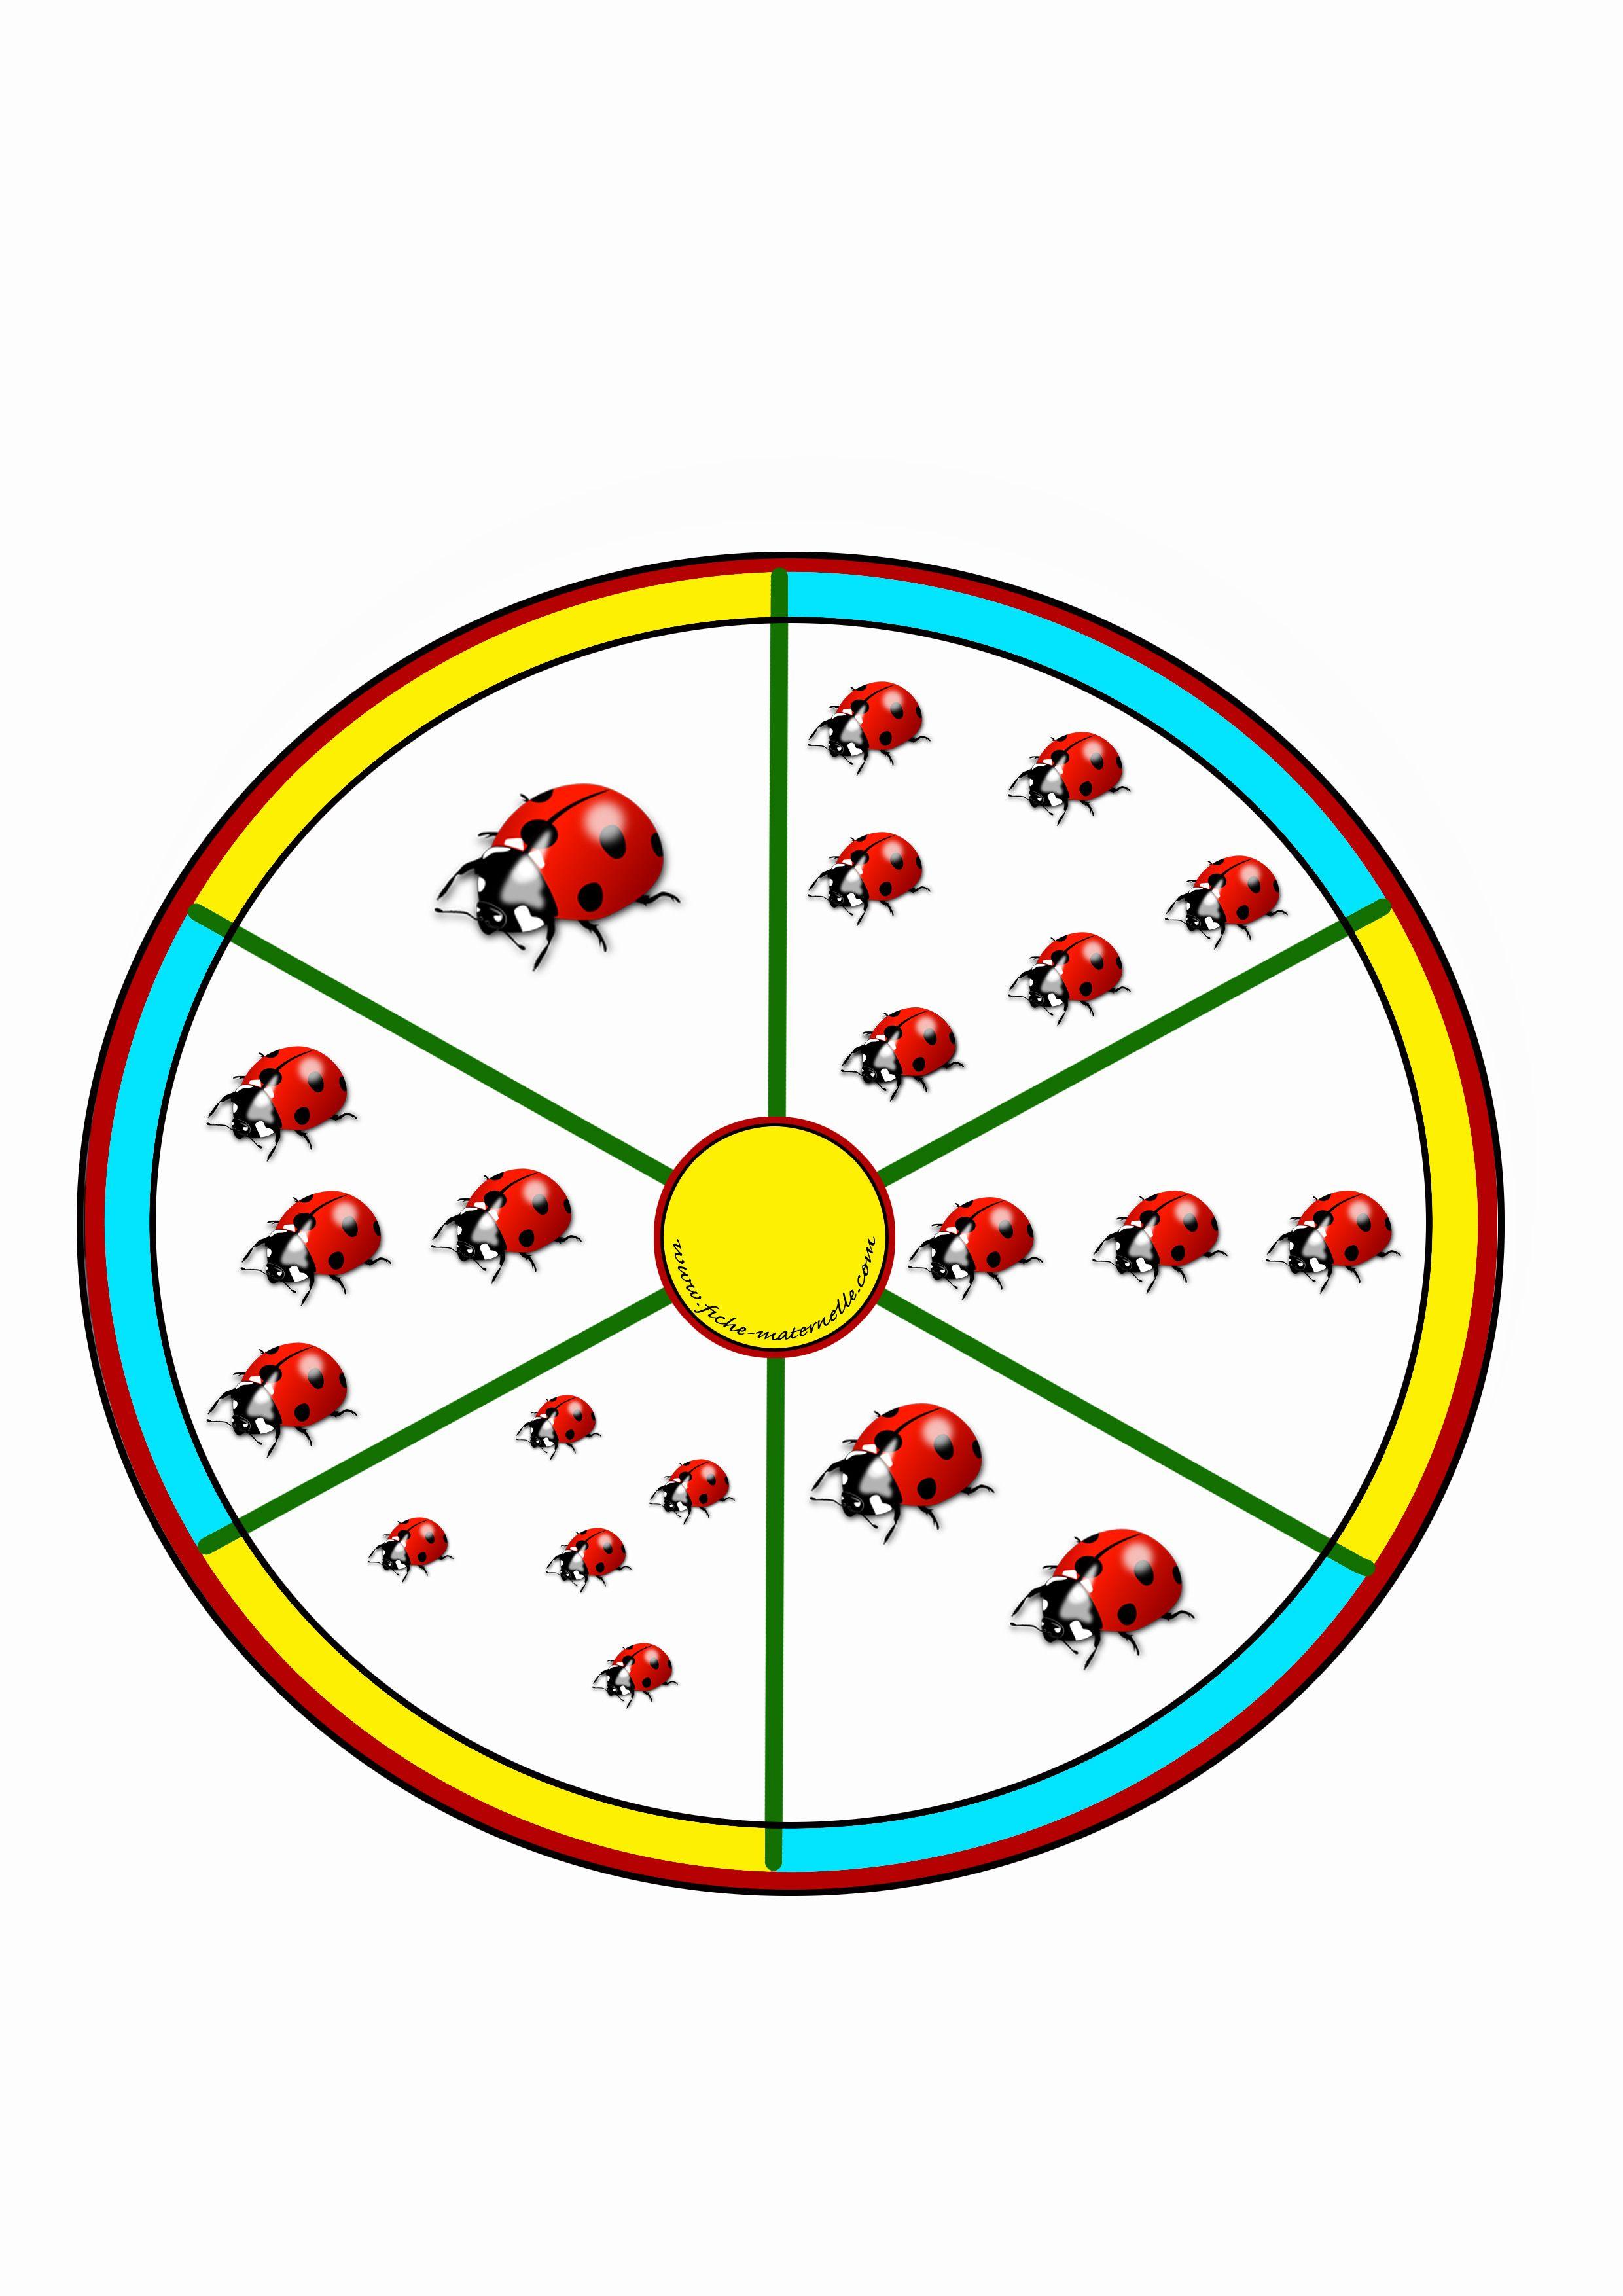 jeu math matiques maternelle la roue des nombres avec pince linge ateliers autonomes gs. Black Bedroom Furniture Sets. Home Design Ideas